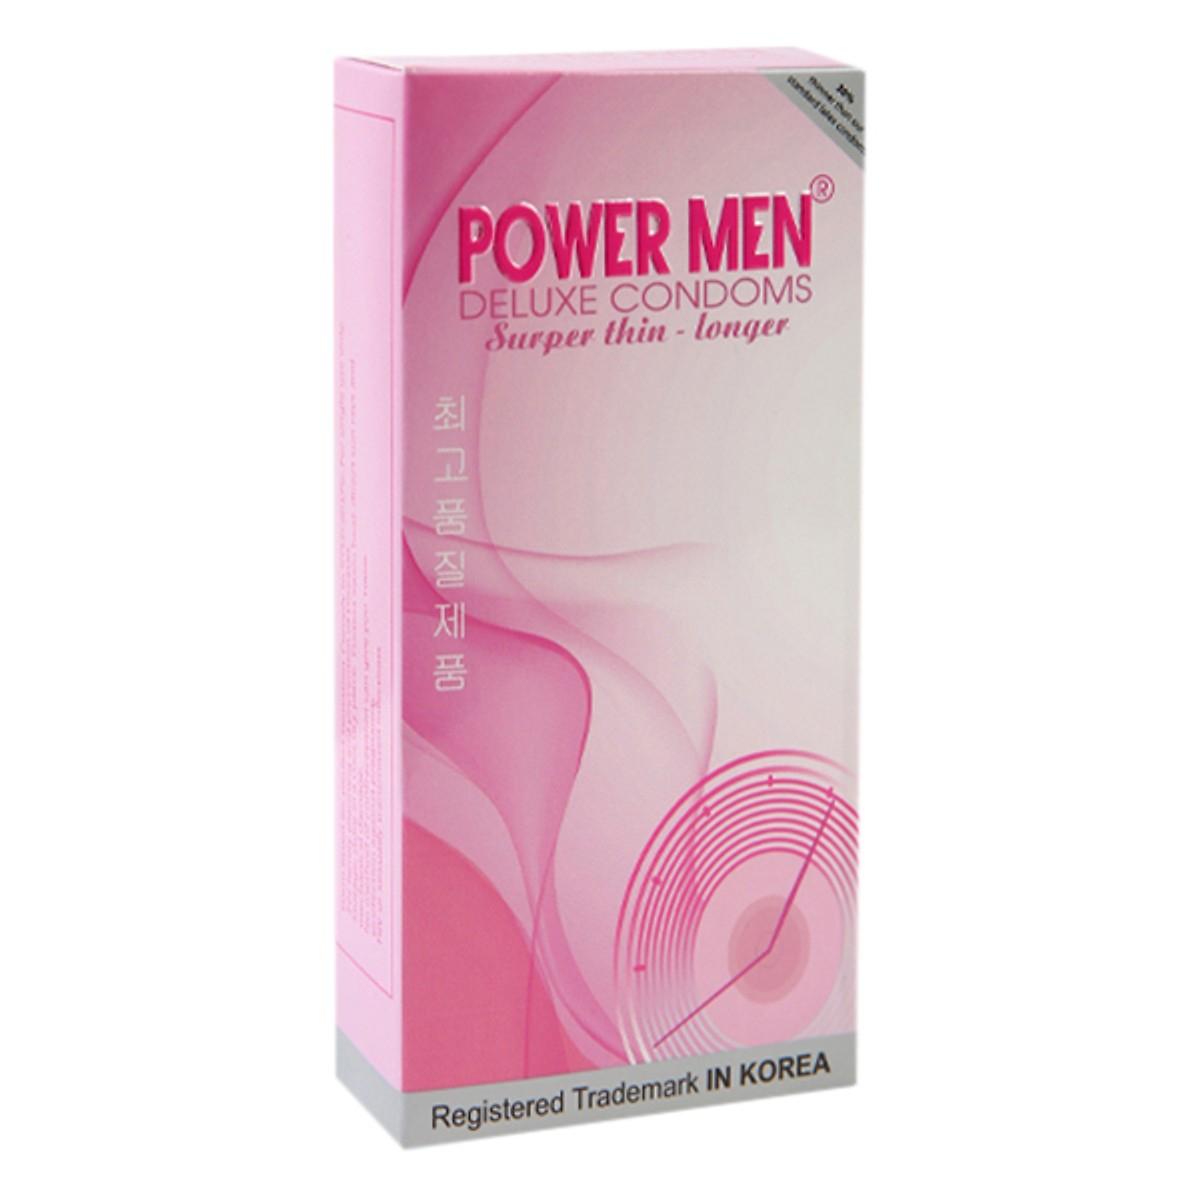 Bao Cao Su Power Men Super Thin Longer - Hộp 12 Cái